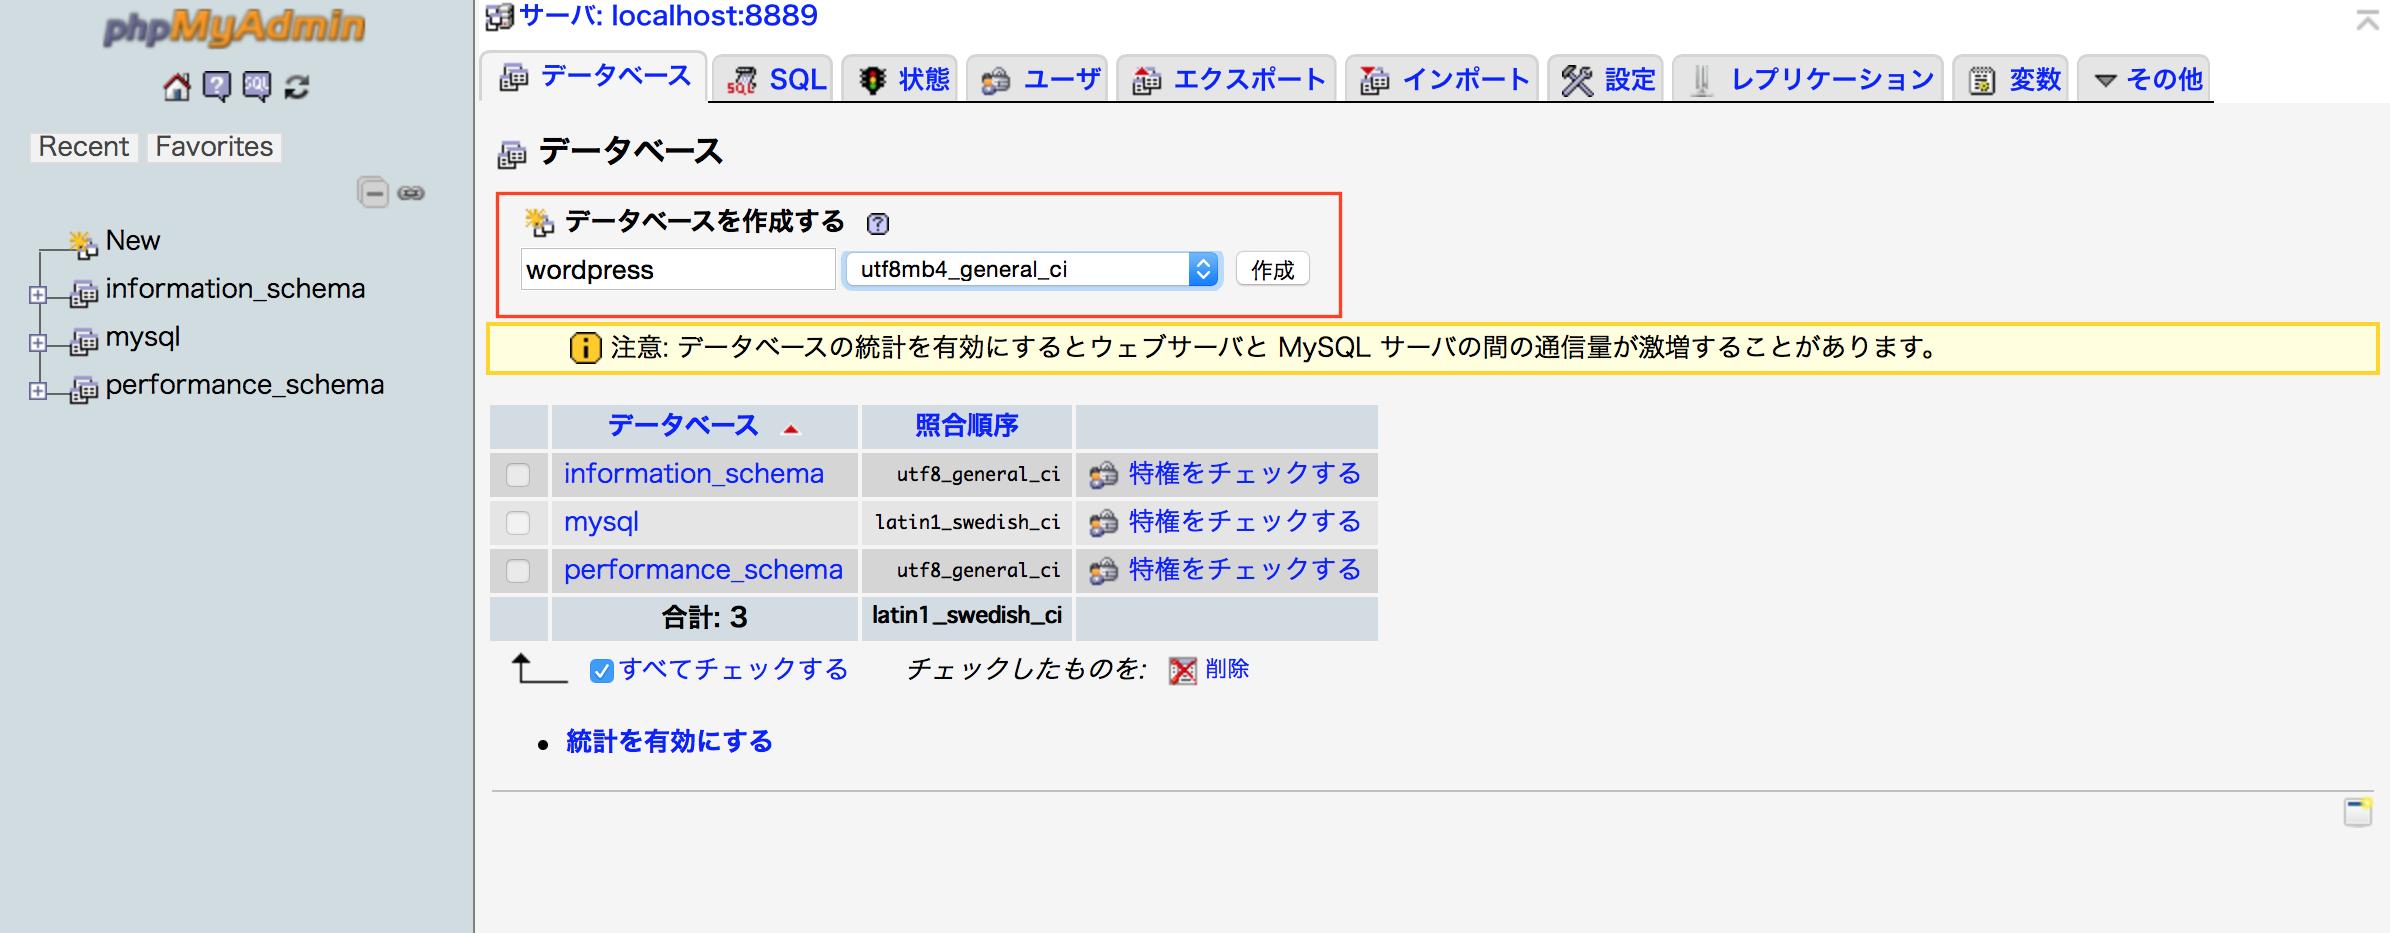 Wordpressローカル15